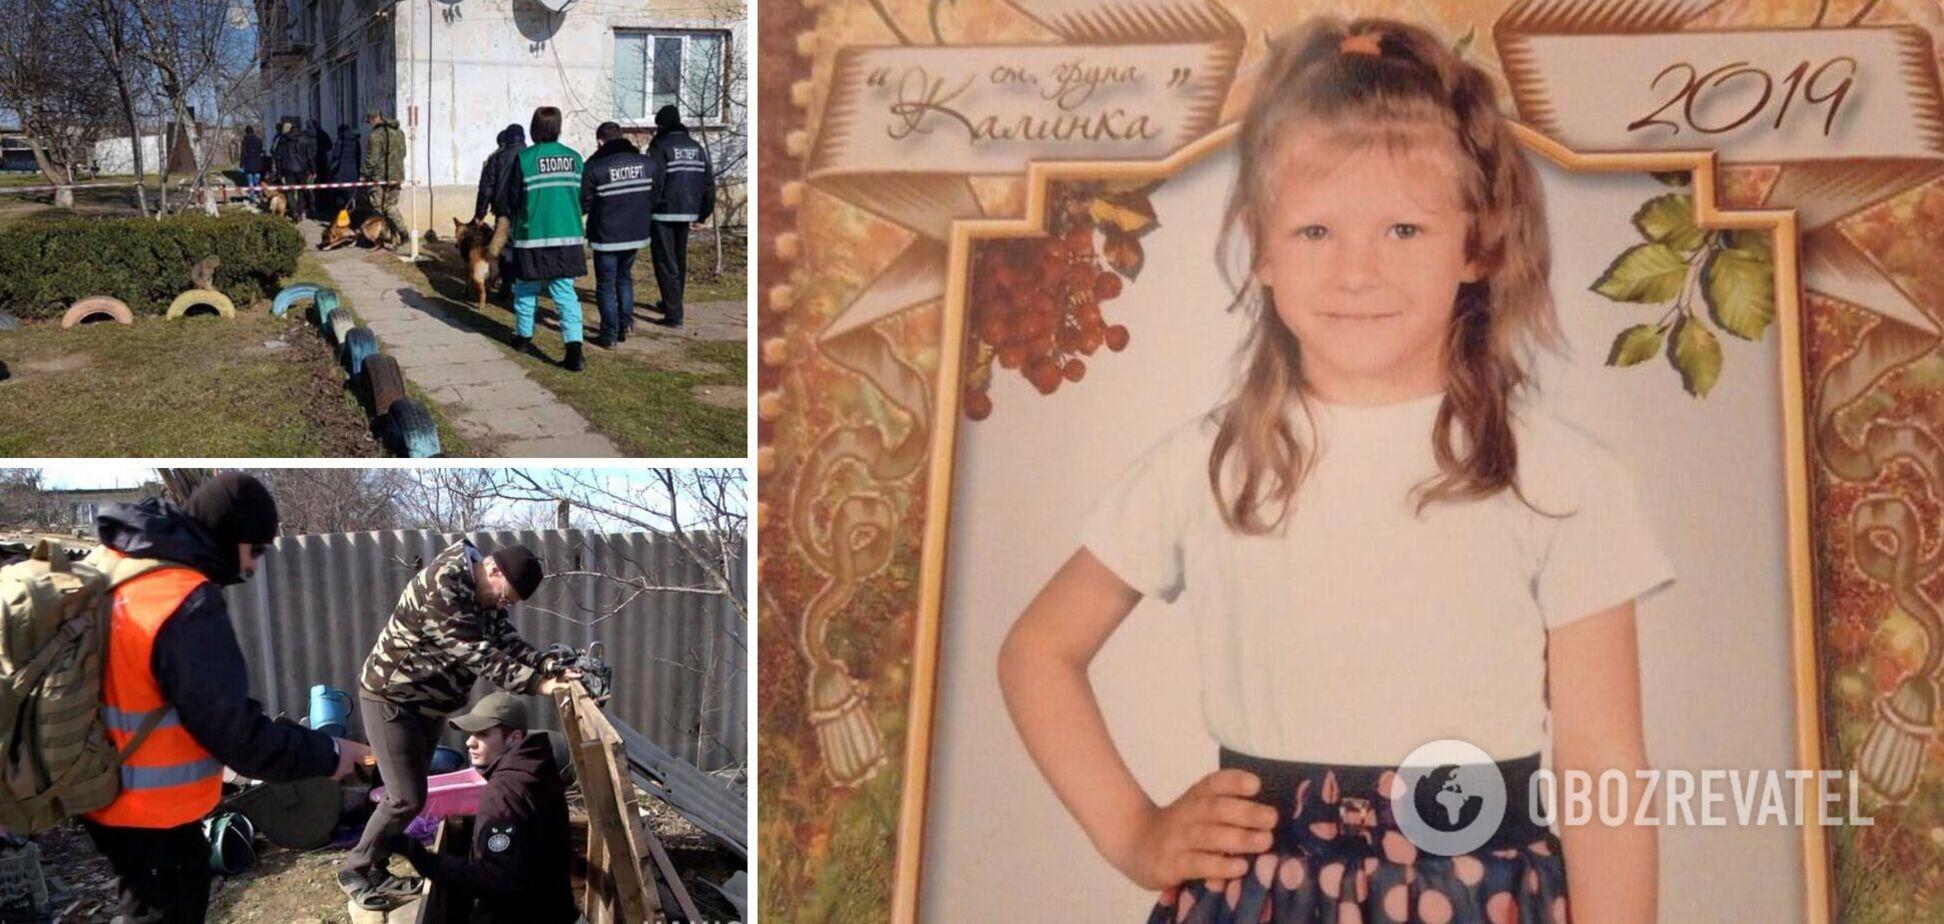 Підозрюють усе село, а рідних Марійки Борисової просто вимотували допитами: на Херсонщині продовжують шукати вбивцю дівчинки